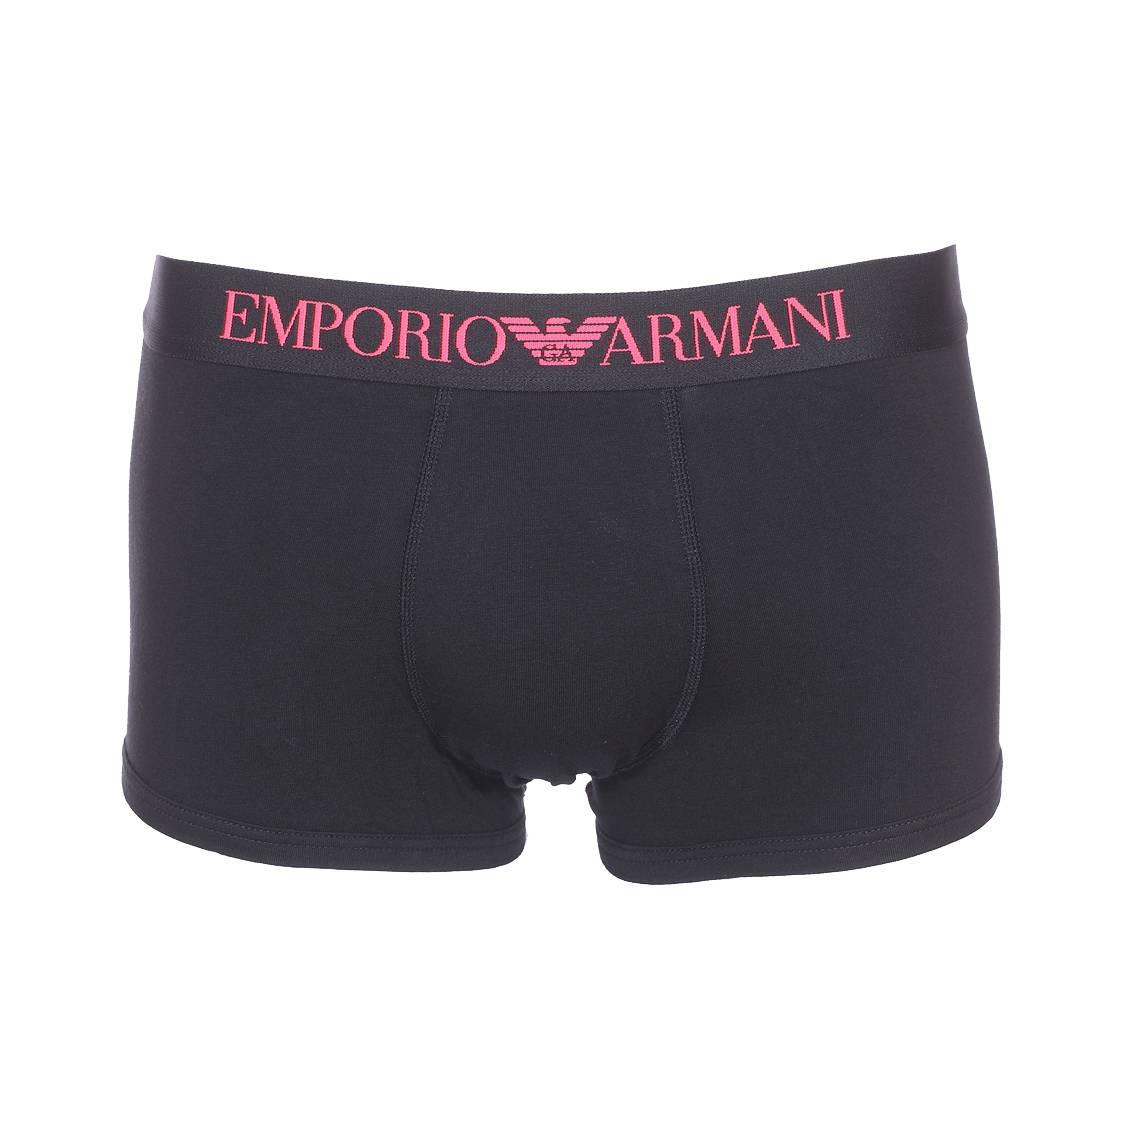 Boxer  en coton stretch noir et ceinture logotypée en rose foncé